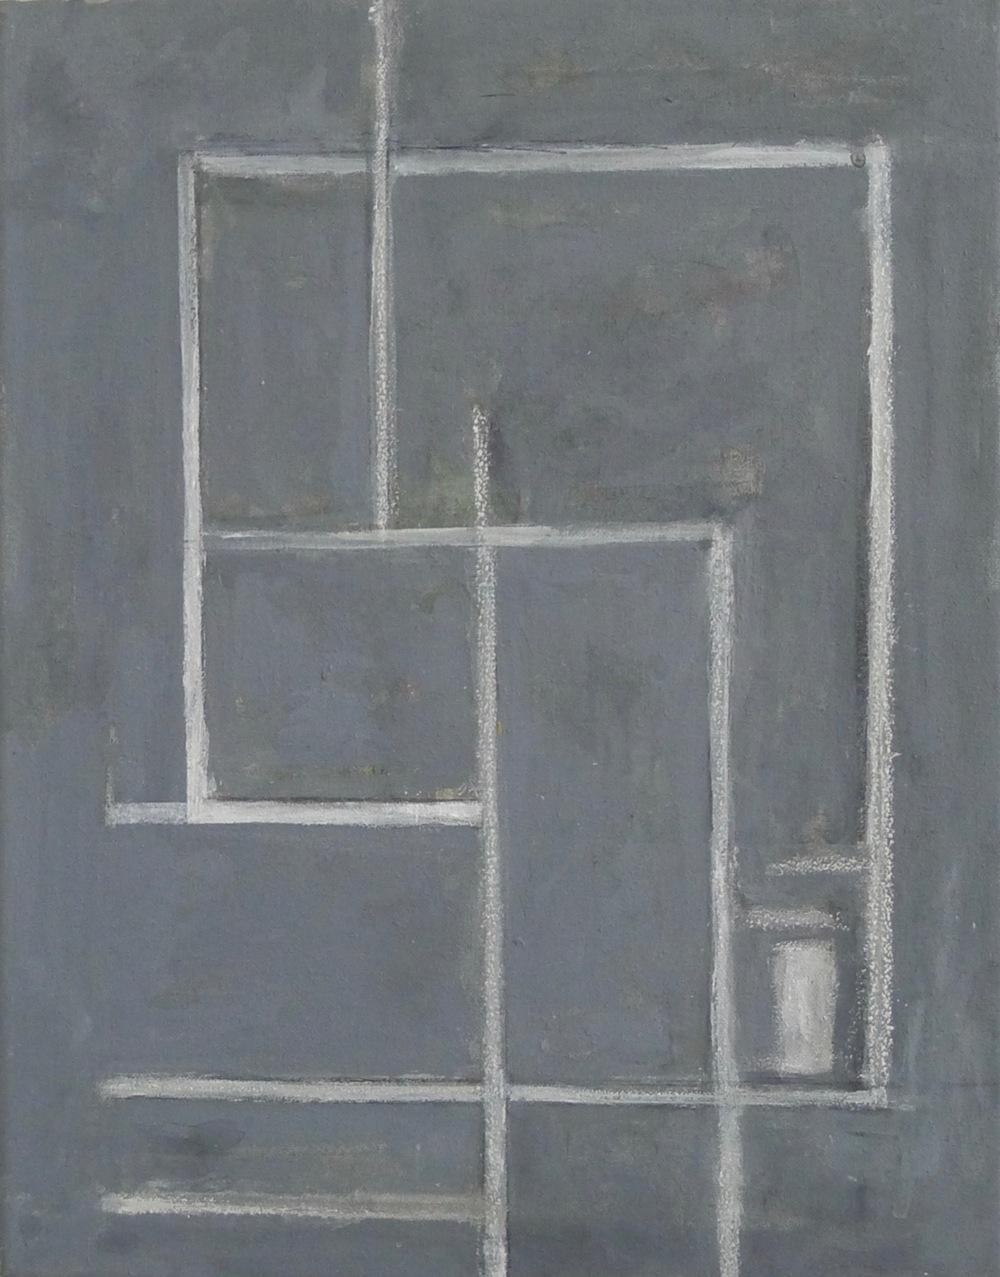 Grayboard